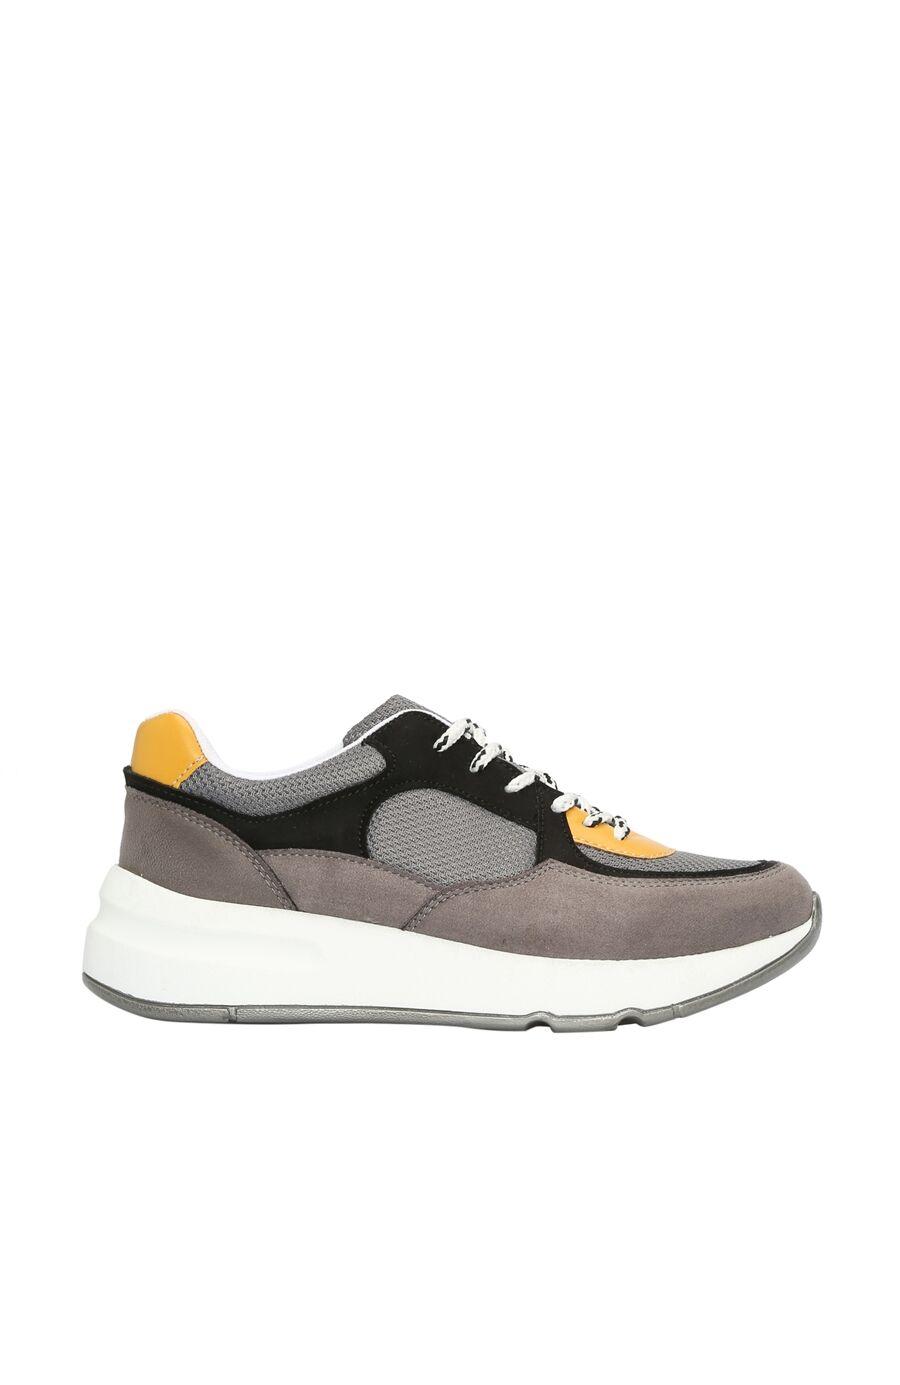 Gıro Siyah Sarı Sneaker – 199.0 TL